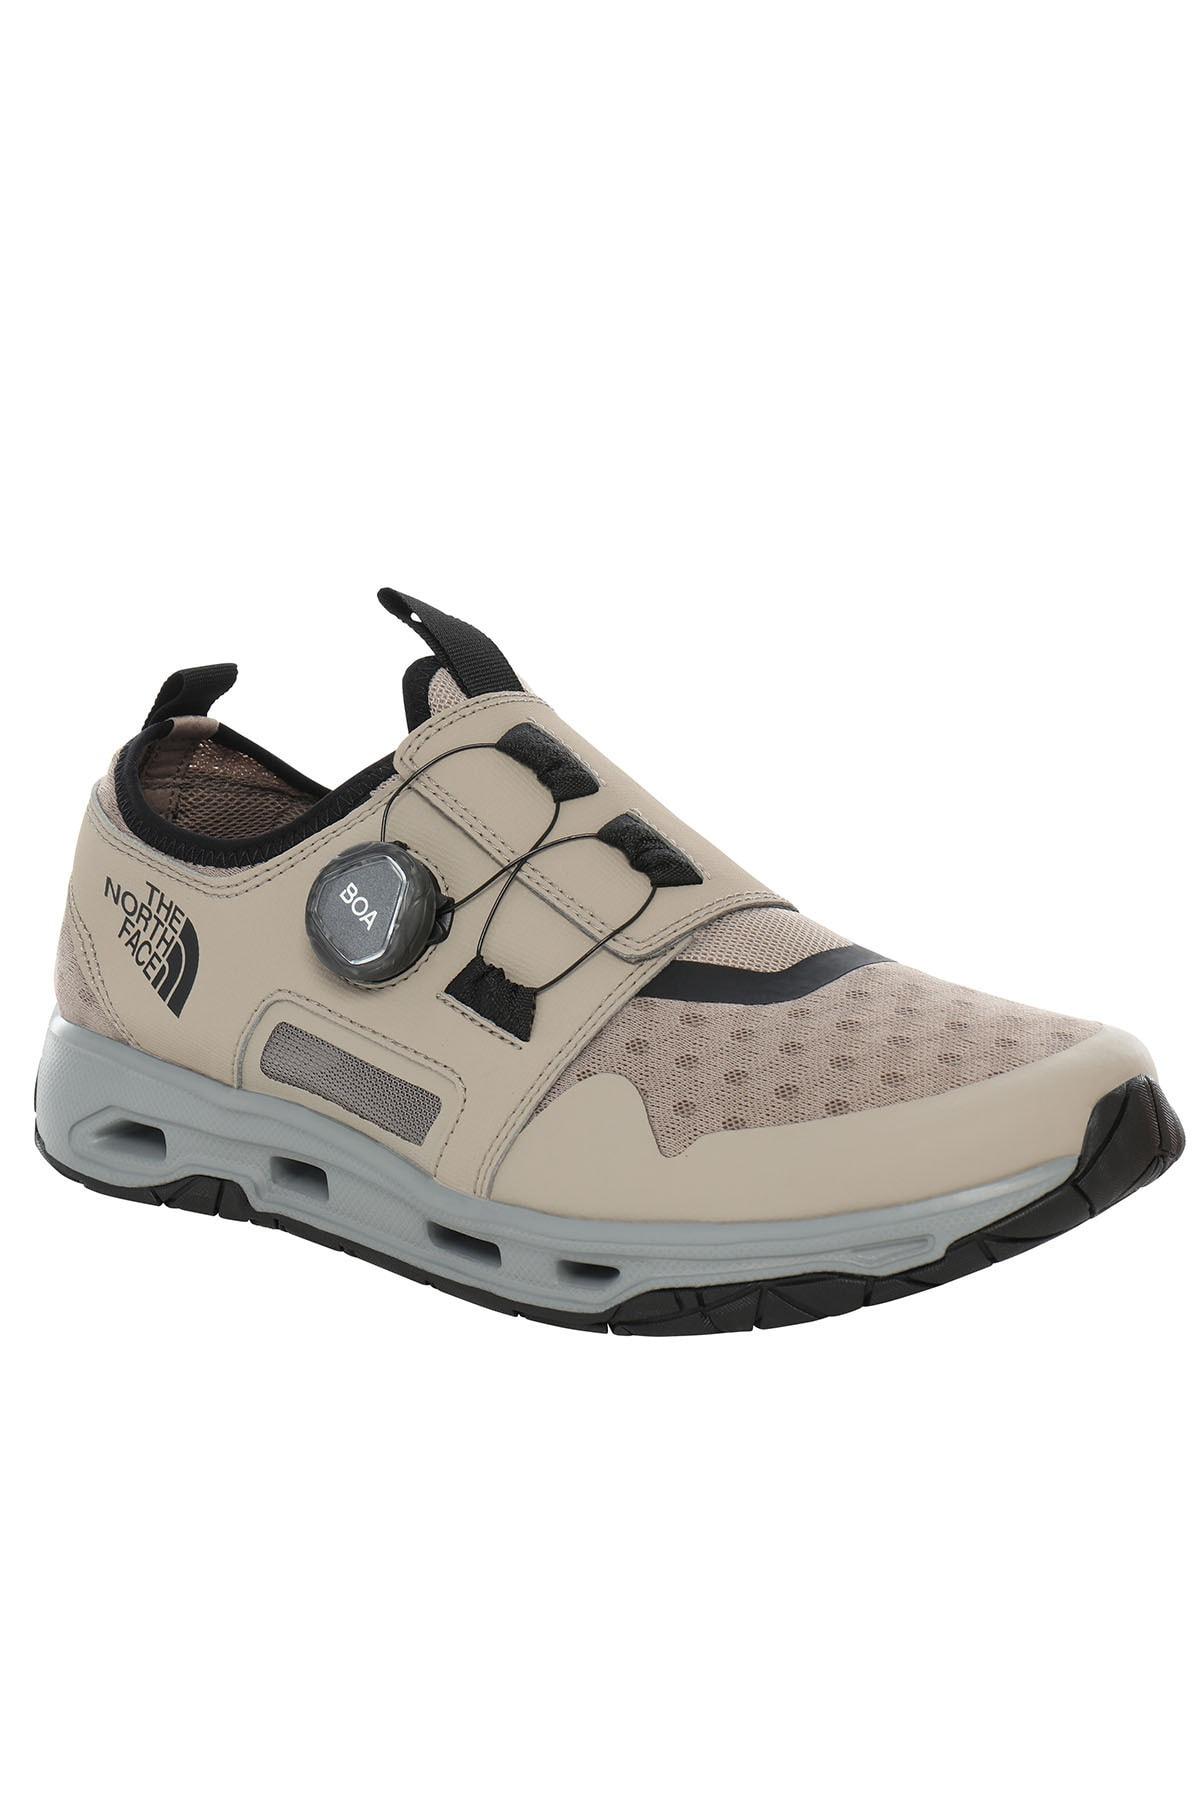 M Skagıt Ws Boa Erkek Ayakkabı